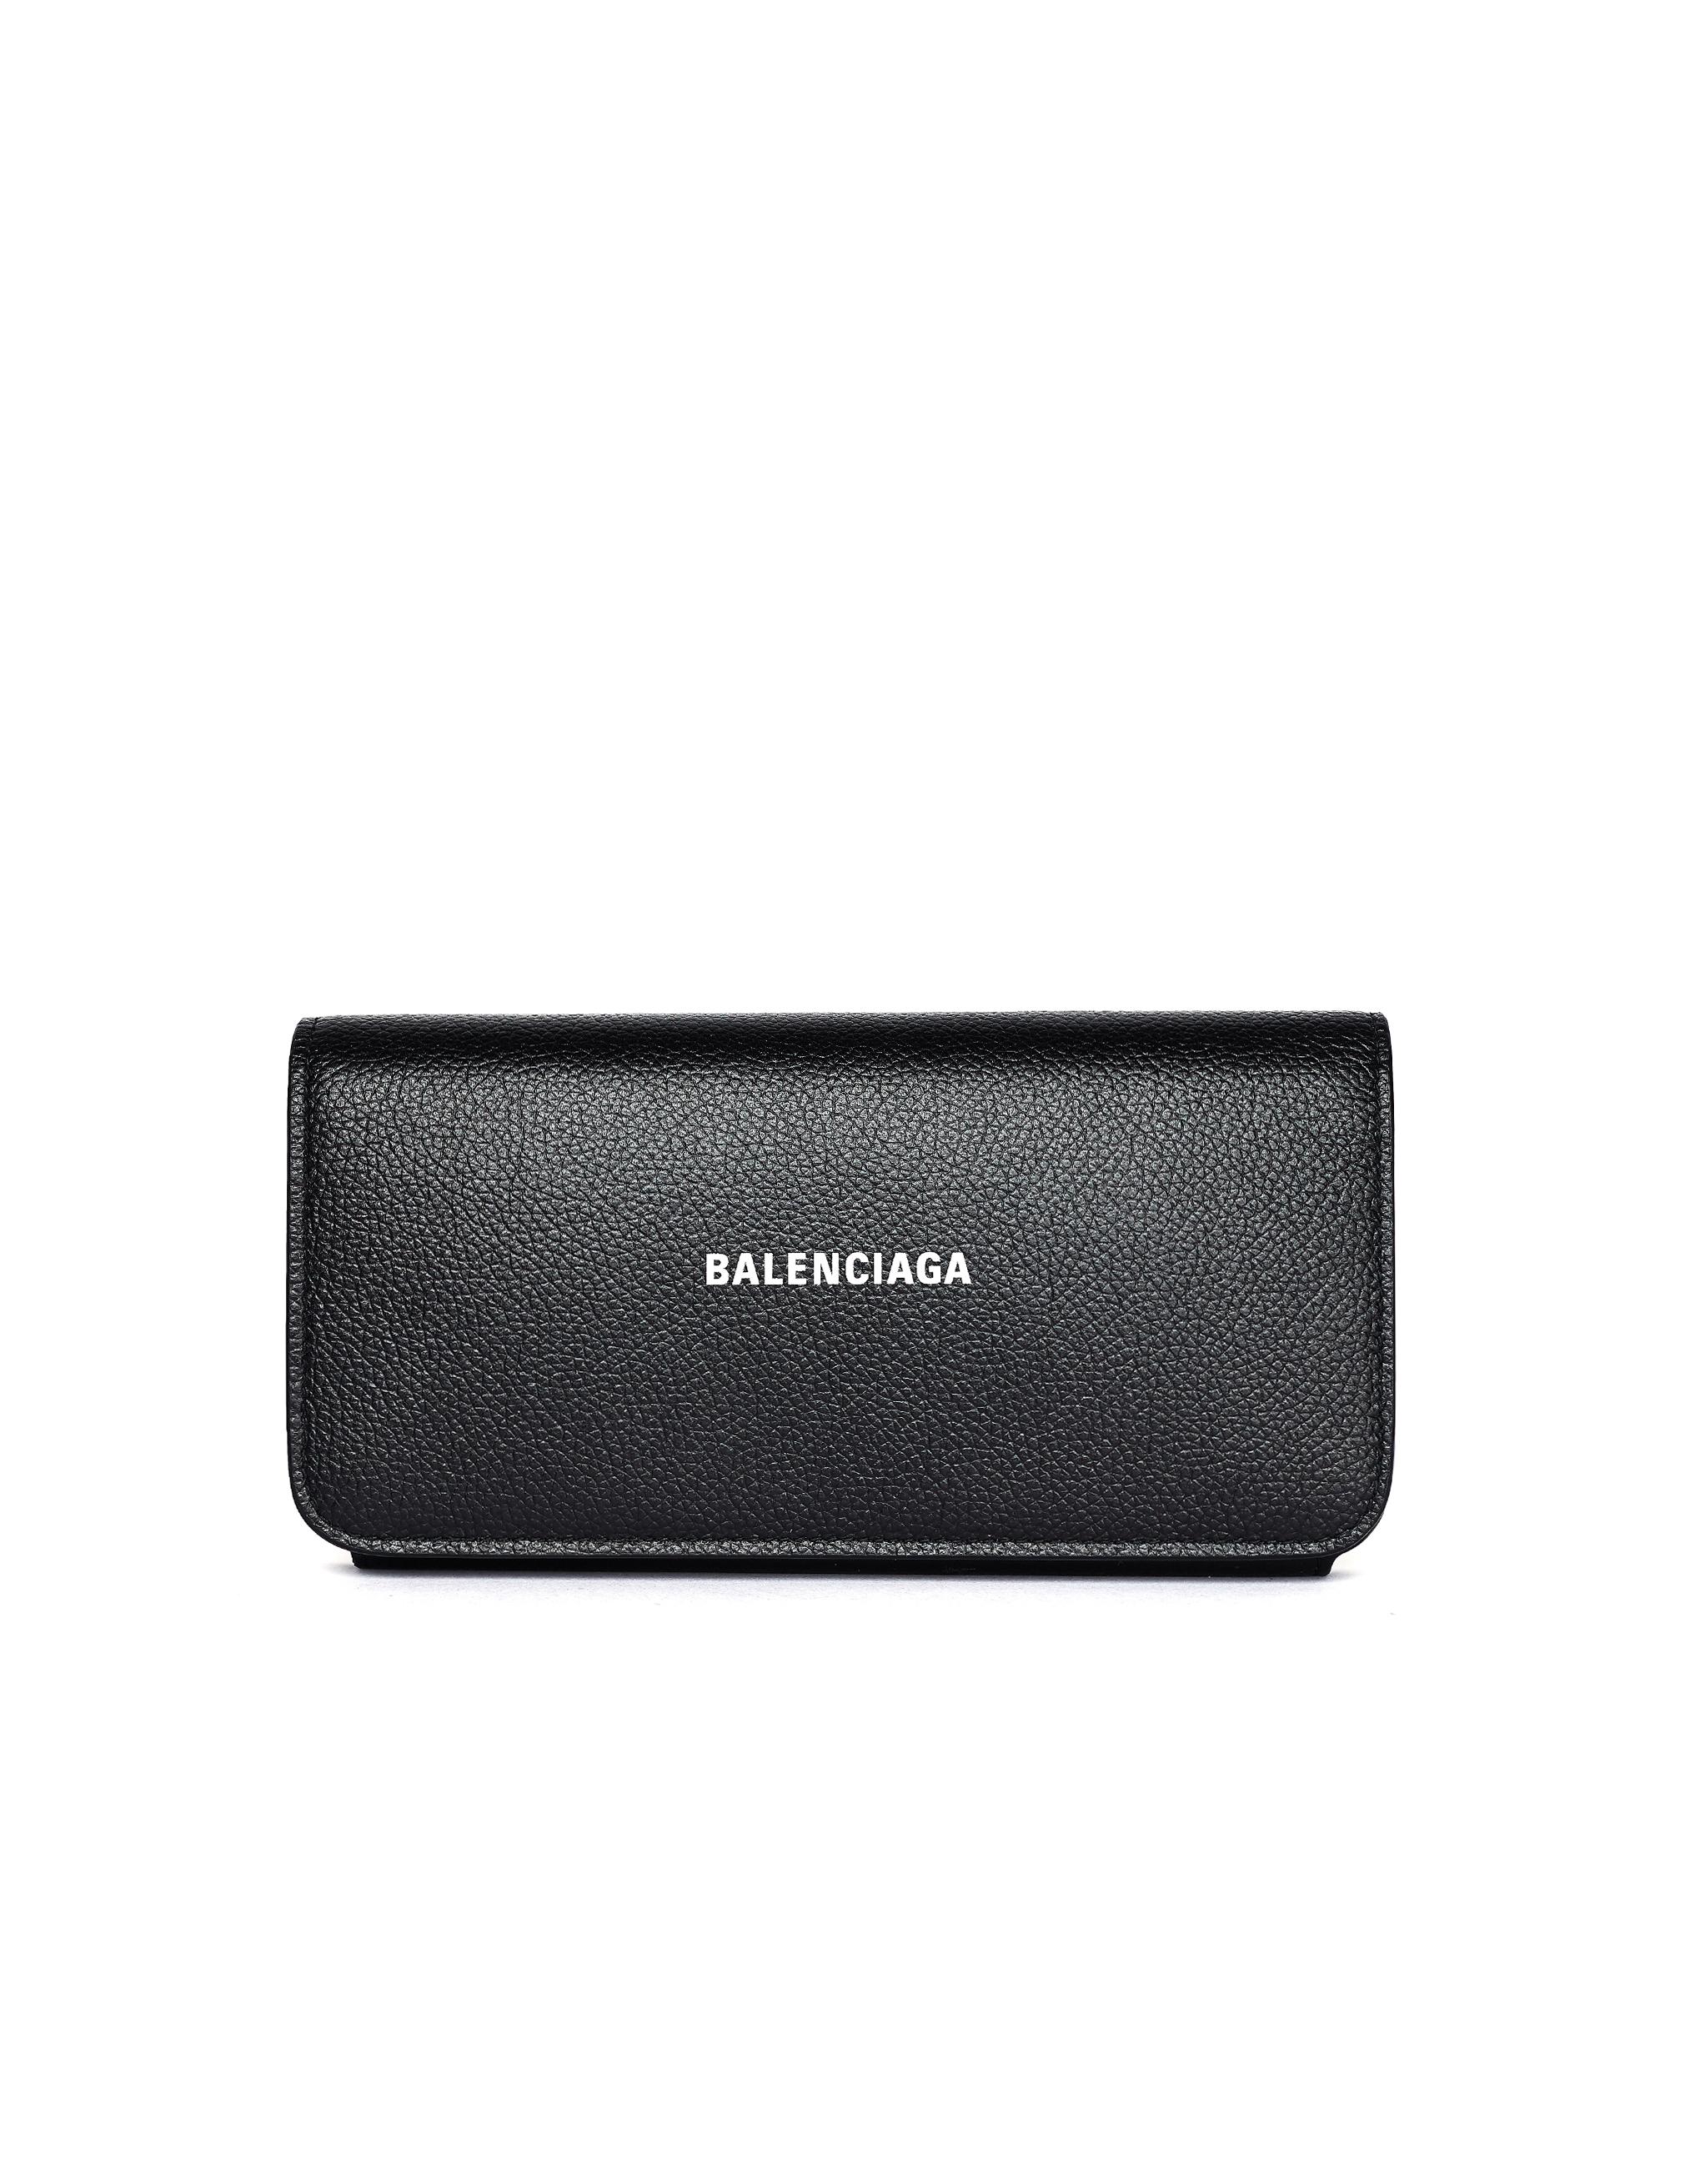 Balenciaga Black Leather Cash Wallet